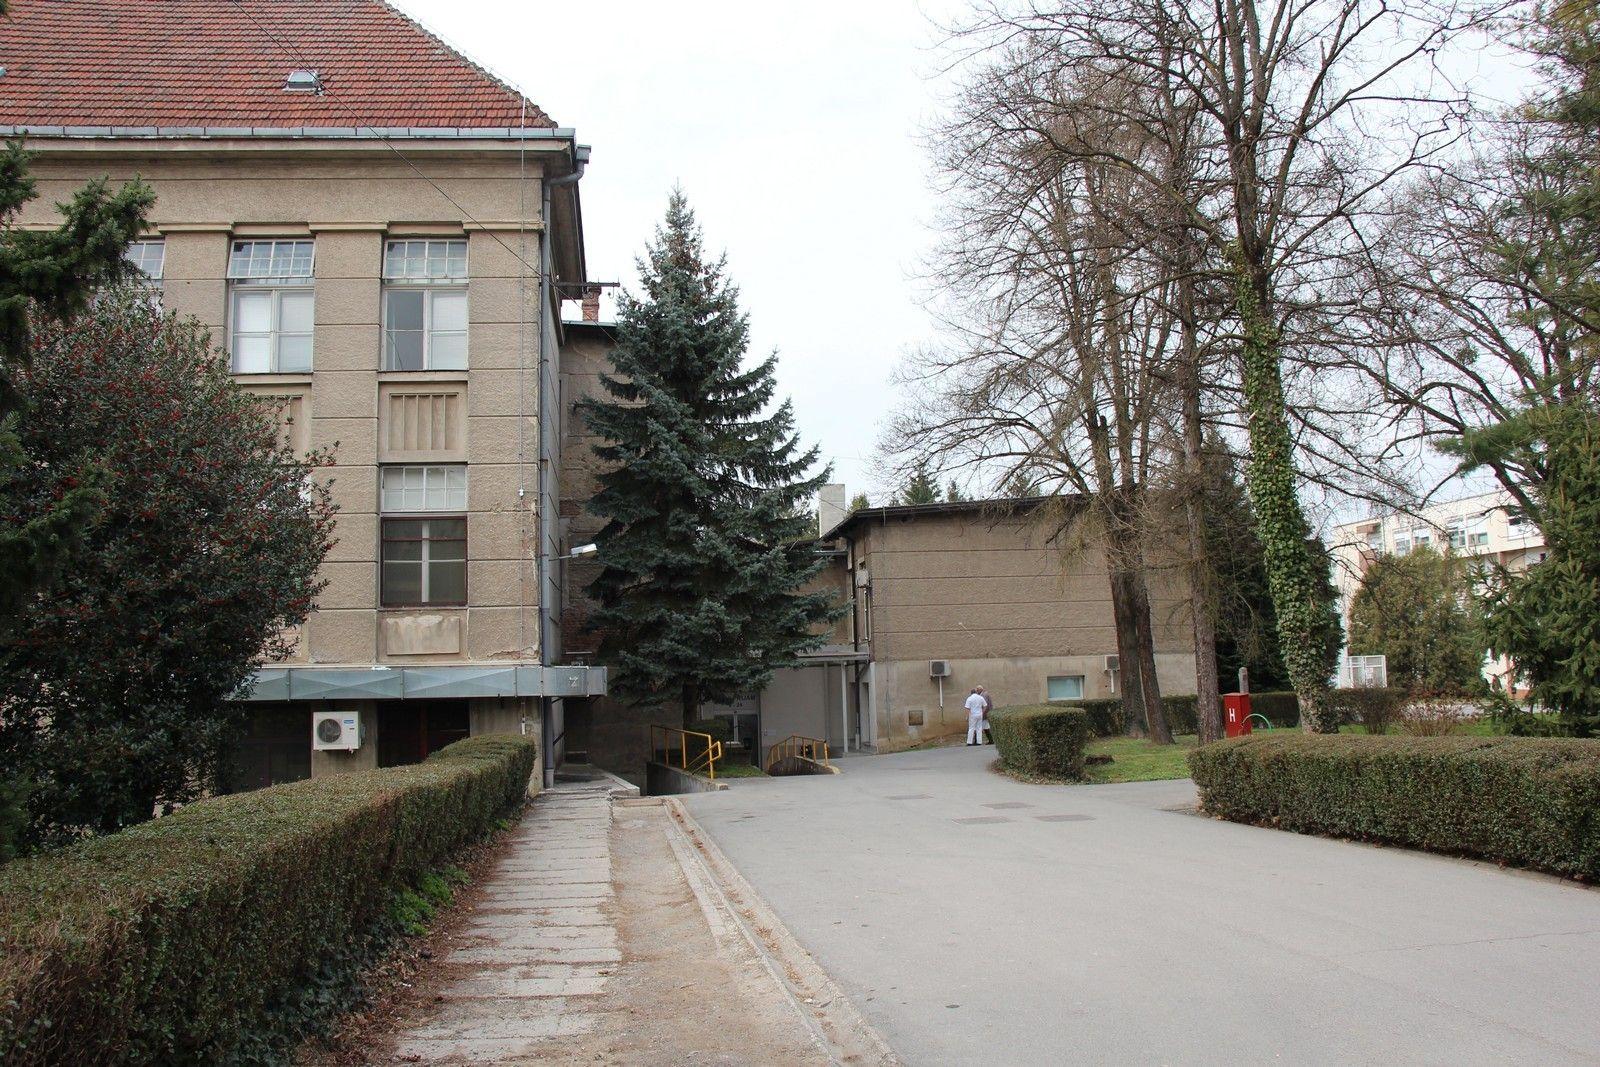 Bjelovarska bolnica prošla administrativnu provjeru prve faze i sada čeka povoljan ishod druge faze prijave projekta